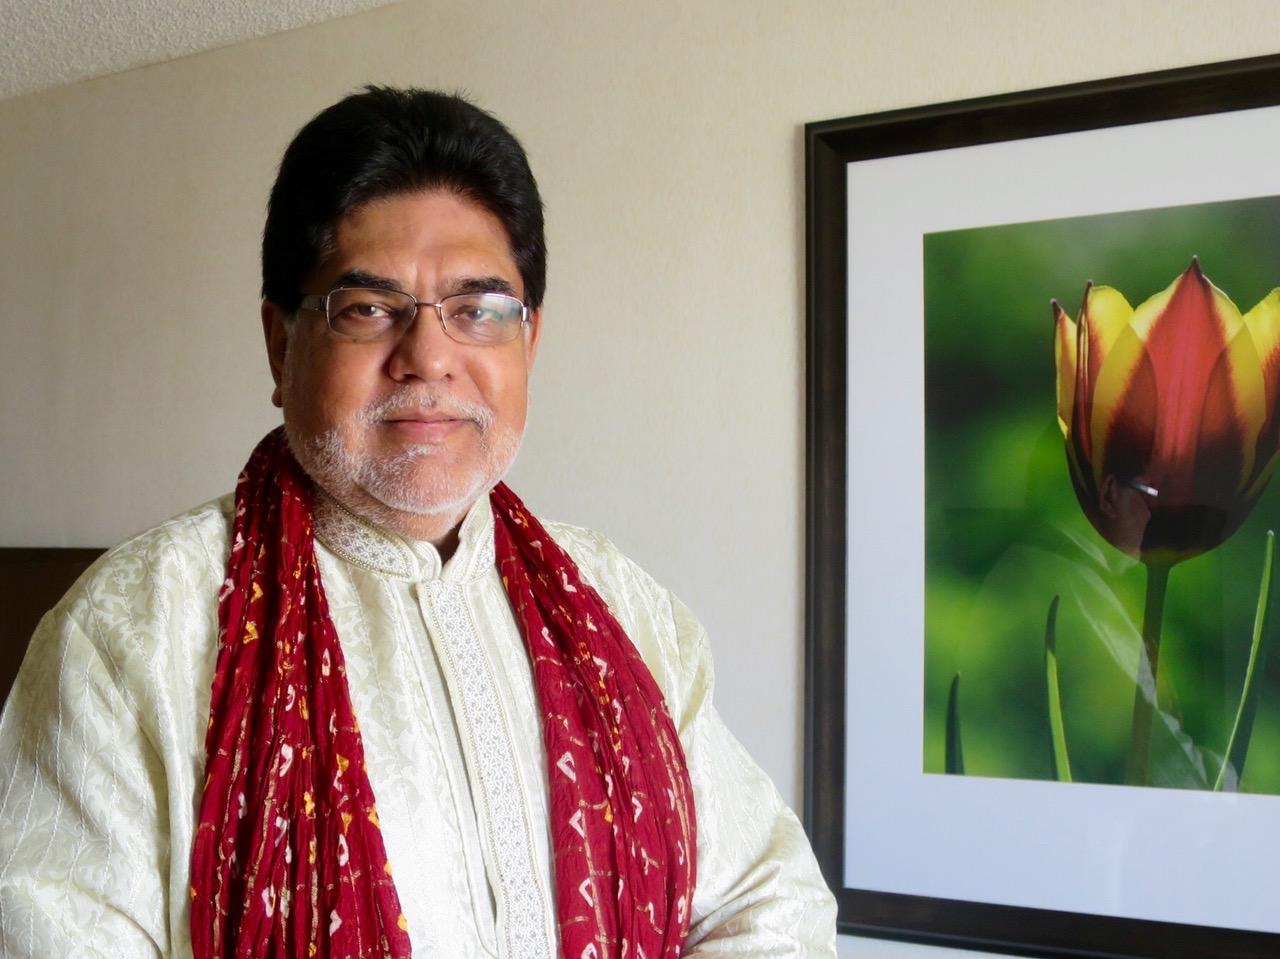 Harminder Singh Magon